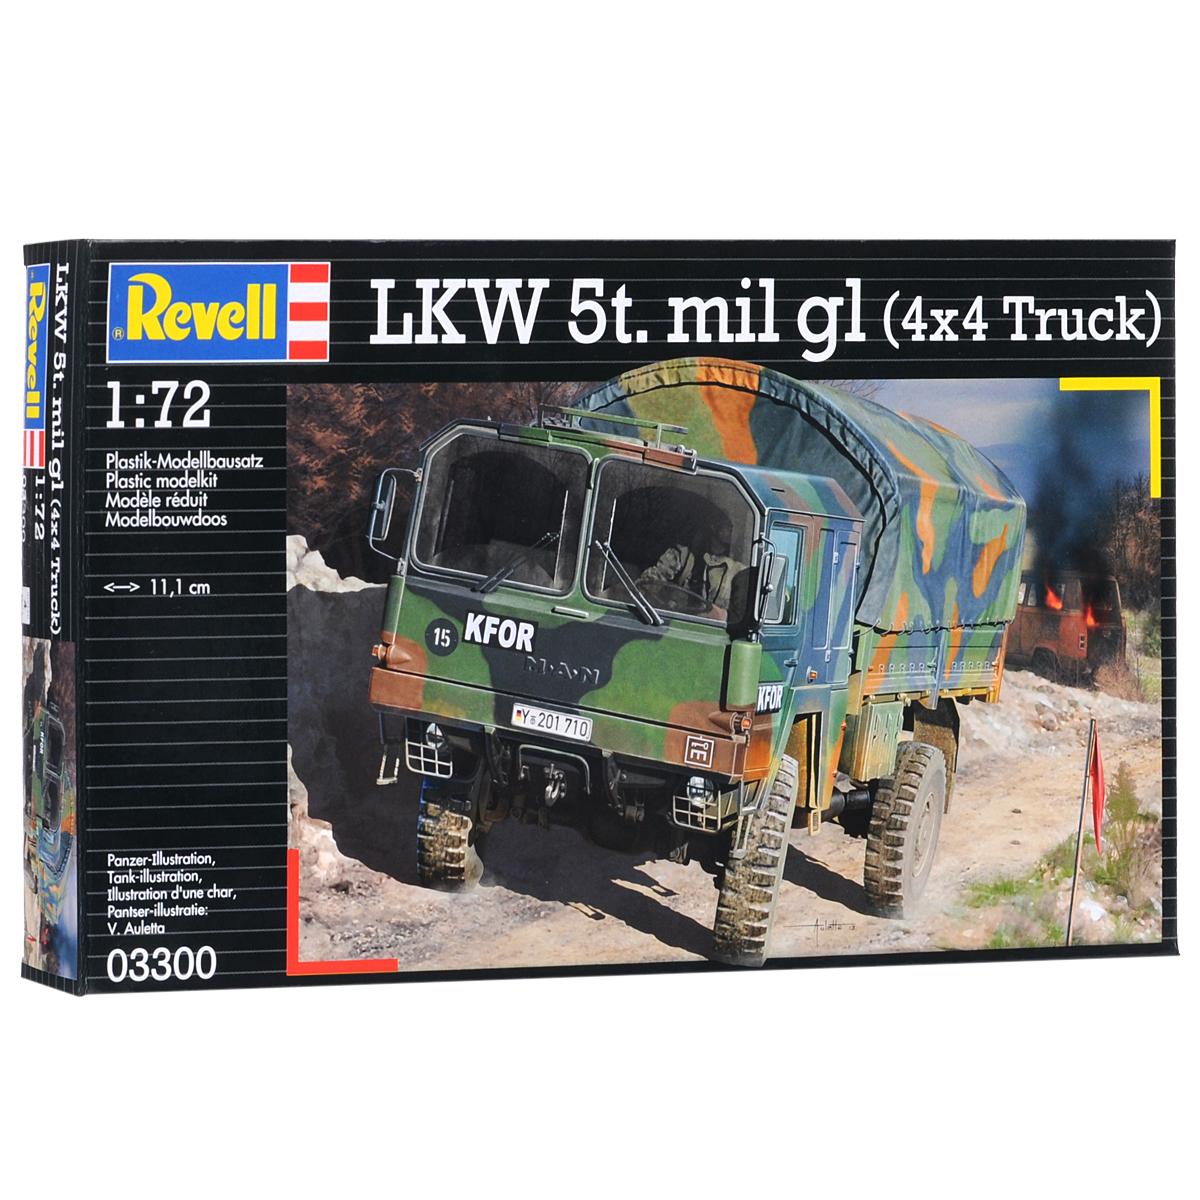 """Сборная модель Revell """"Грузовик LKW 5t. mil gl"""" поможет вам и вашему ребенку придумать увлекательное занятие на долгое время. Набор включает в себя 110 пластиковых элементов, из которых можно собрать достоверную уменьшенную копию одноименного автомобиля. LKW 5t. mil gl - это современный армейский грузовик, состоящий на вооружении немецкой армии. Двигатель V8 мощностью 256 л.с. позволяет развивать скорость до 90 км/ч. А подвеска 4x4 помогает преодолевать любое бездорожье. Также в наборе схематичная инструкция по сборке. Процесс сборки развивает интеллектуальные и инструментальные способности, воображение и конструктивное мышление, а также прививает практические навыки работы со схемами и чертежами. Уровень сложности: 4. УВАЖАЕМЫЕ КЛИЕНТЫ! Обращаем ваше внимание на тот факт, что элементы для сборки не покрашены. Клей и краски в комплект не входят."""